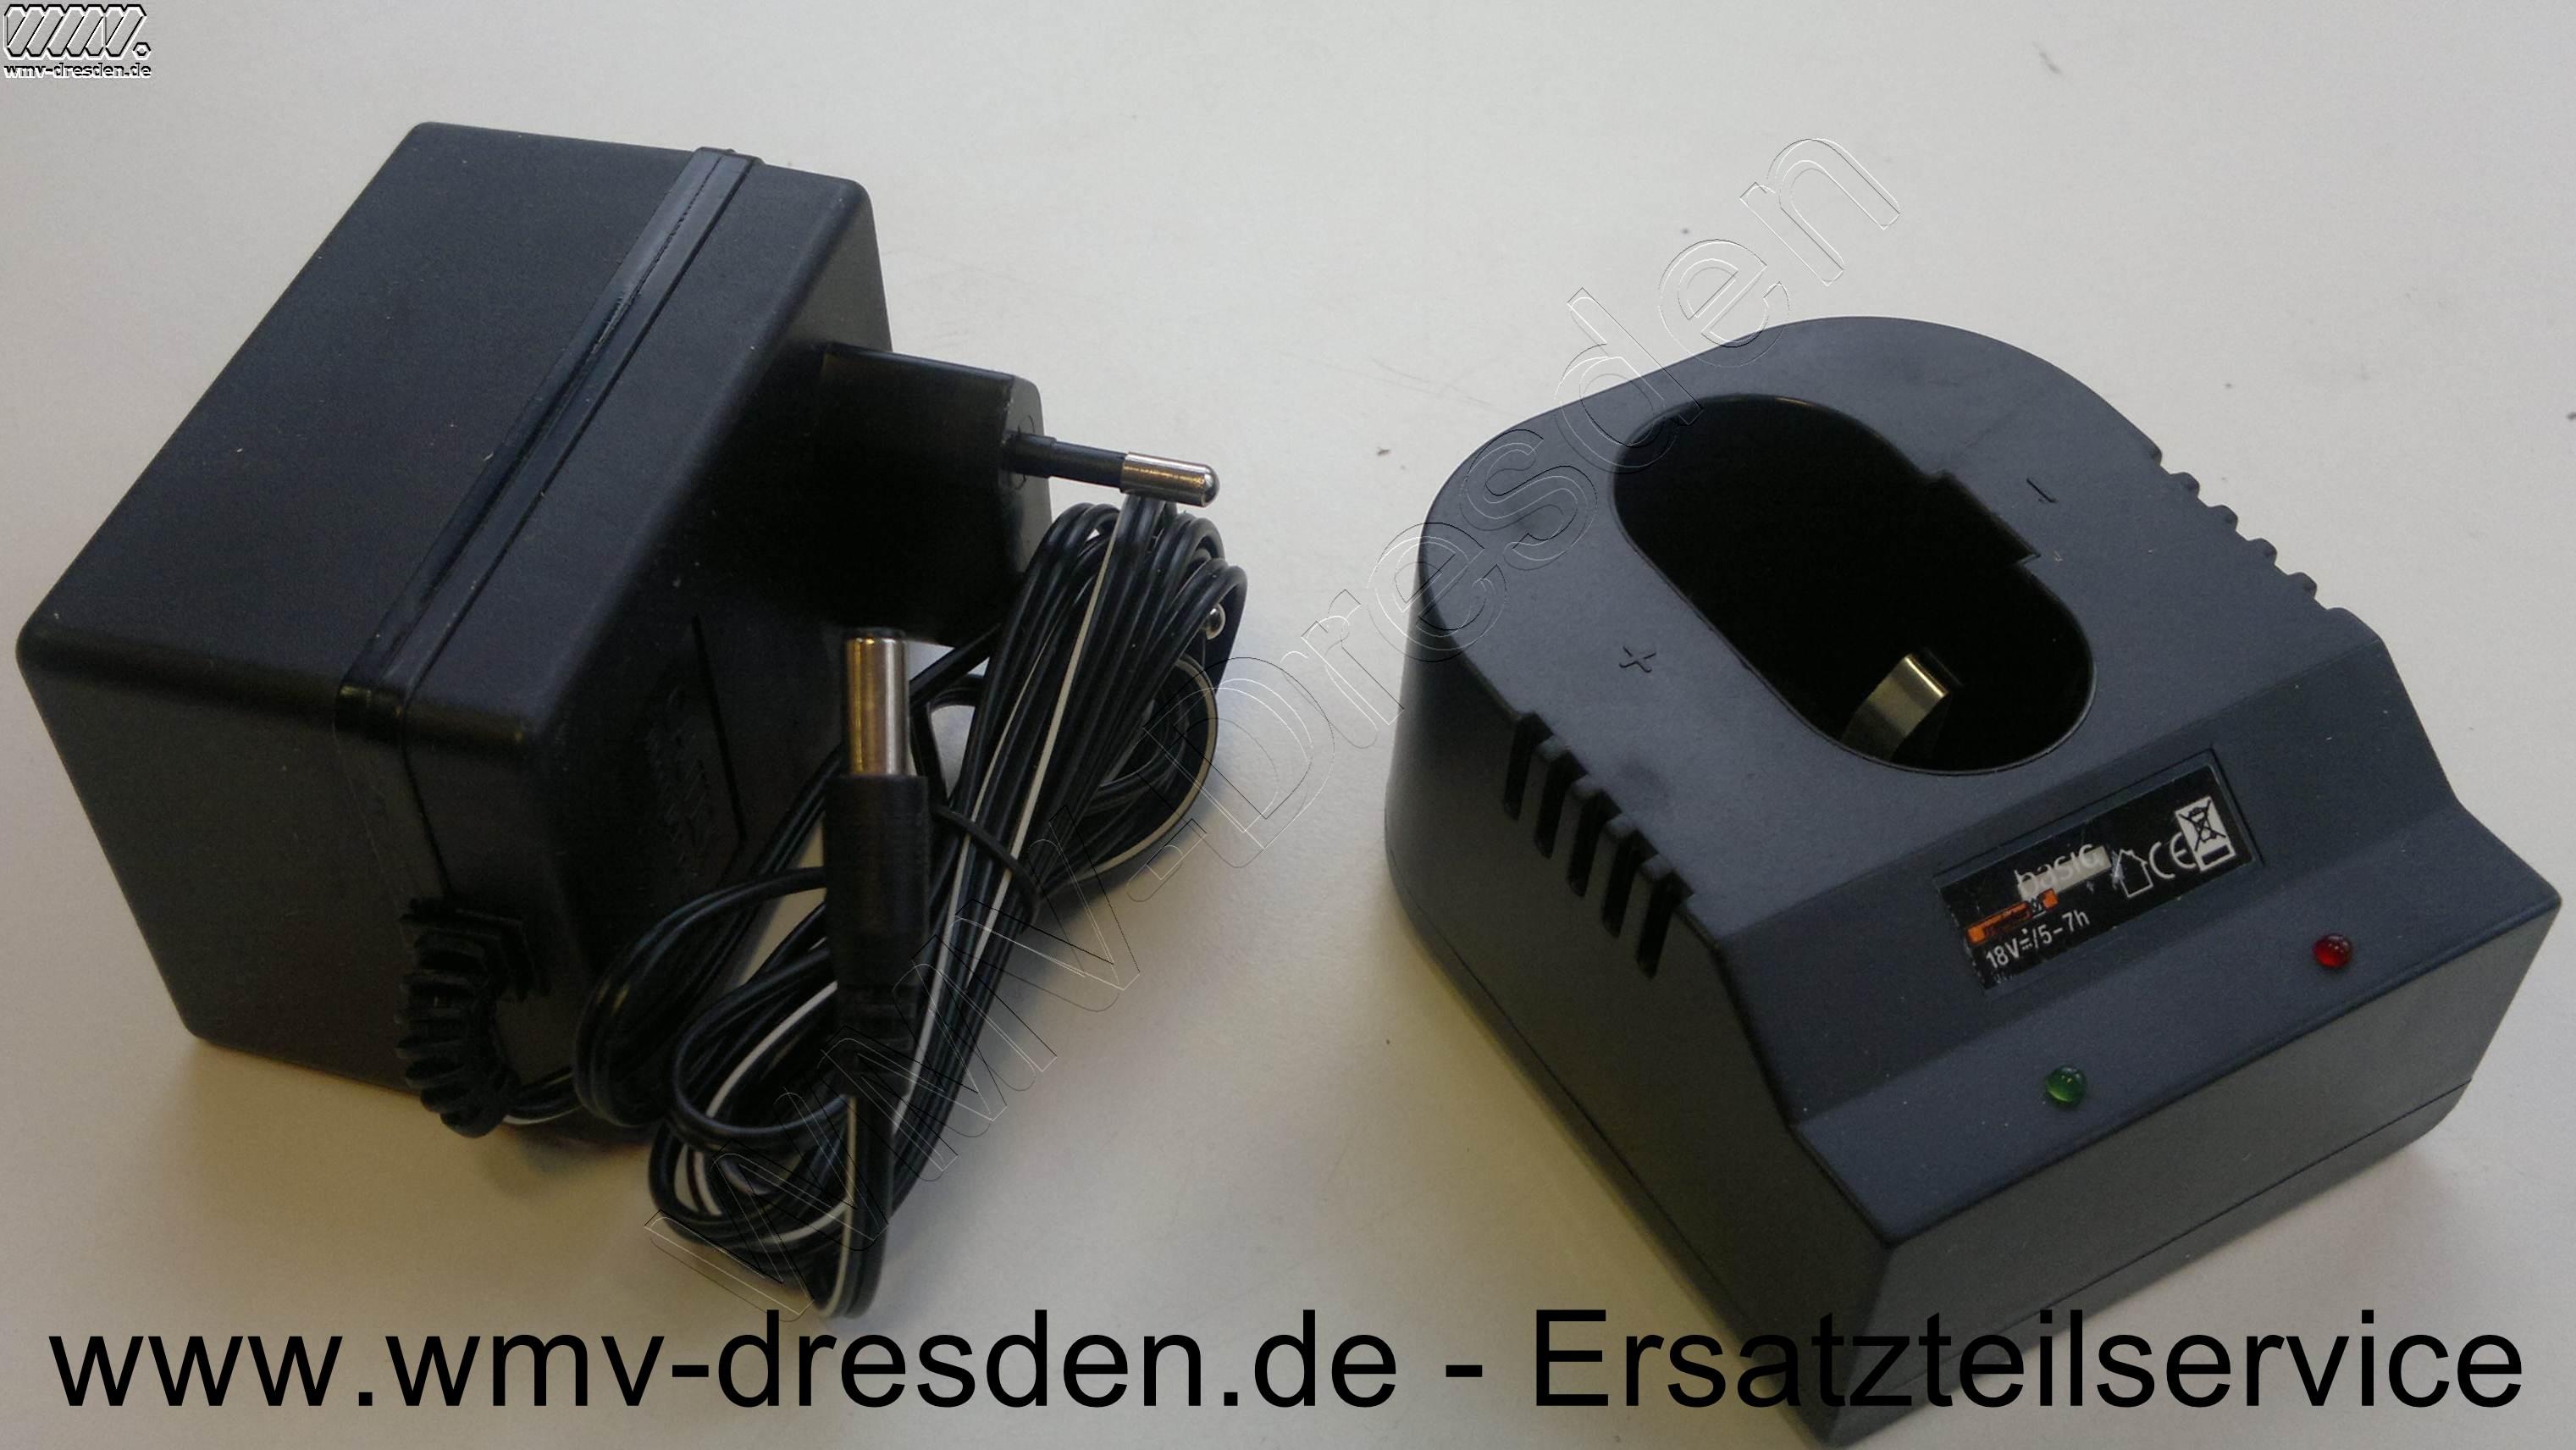 Ladegerät für Akkus von 16-20 V - siehe Gewährleistungshinweise -